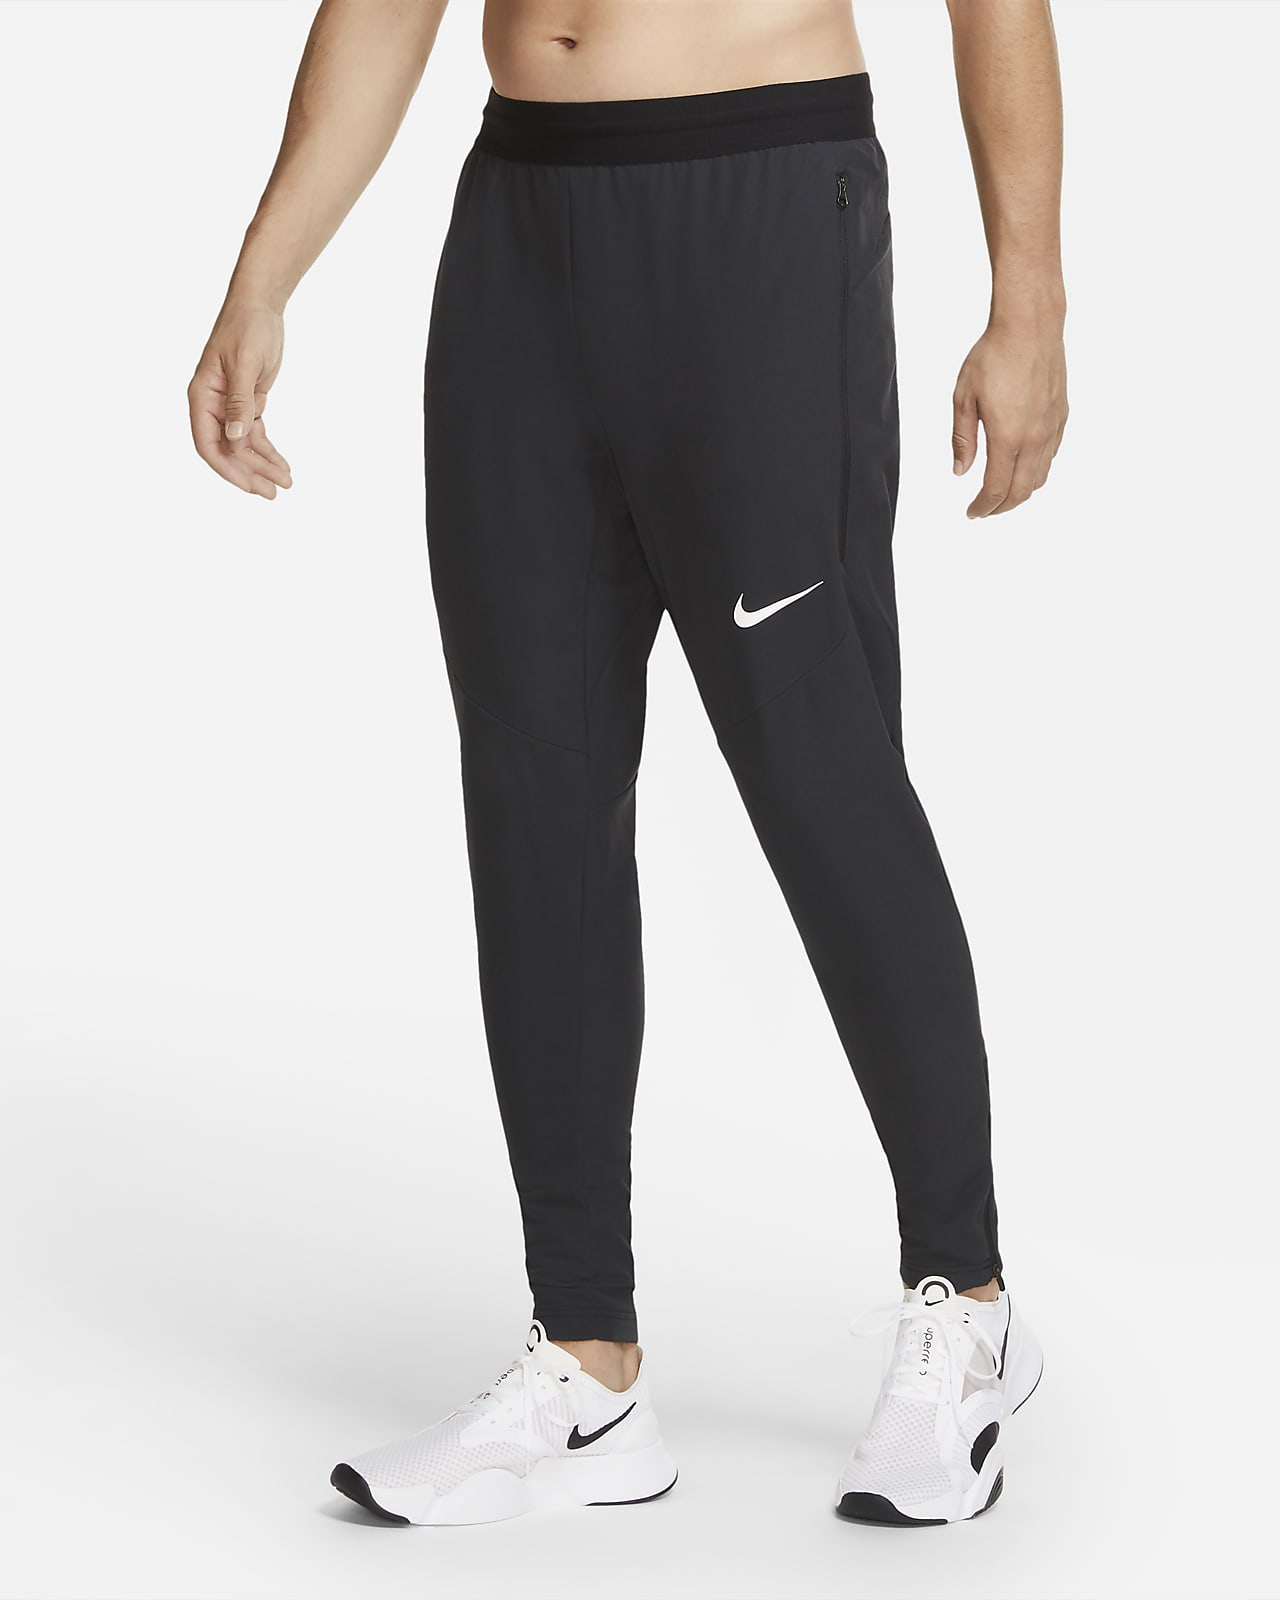 Nike Men's Winterized Woven Training Trousers